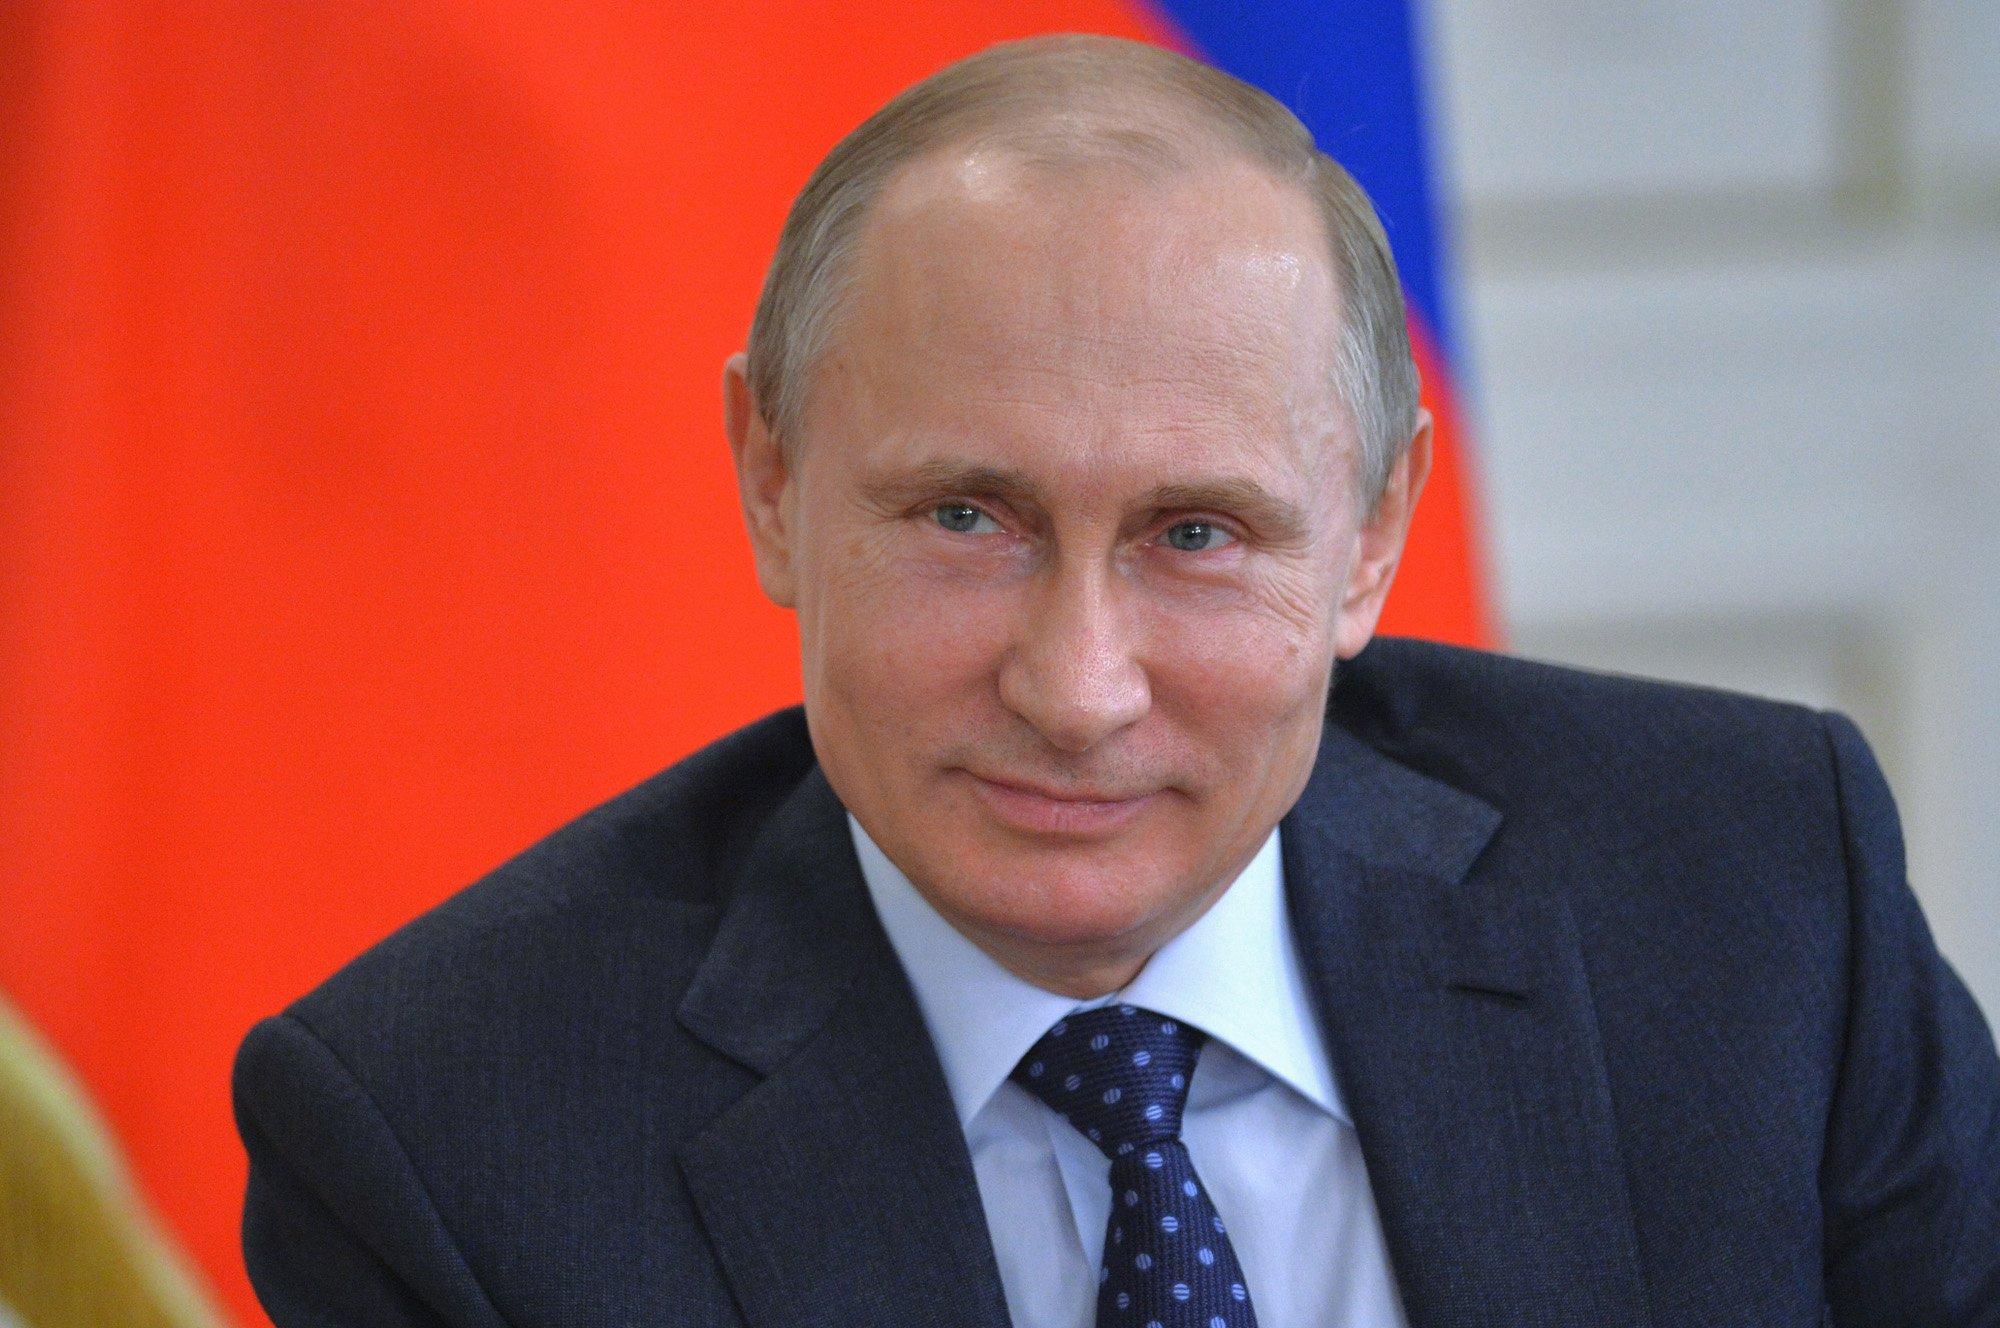 Руководитель парламента Индонезии считает Владимира Путина кумиром